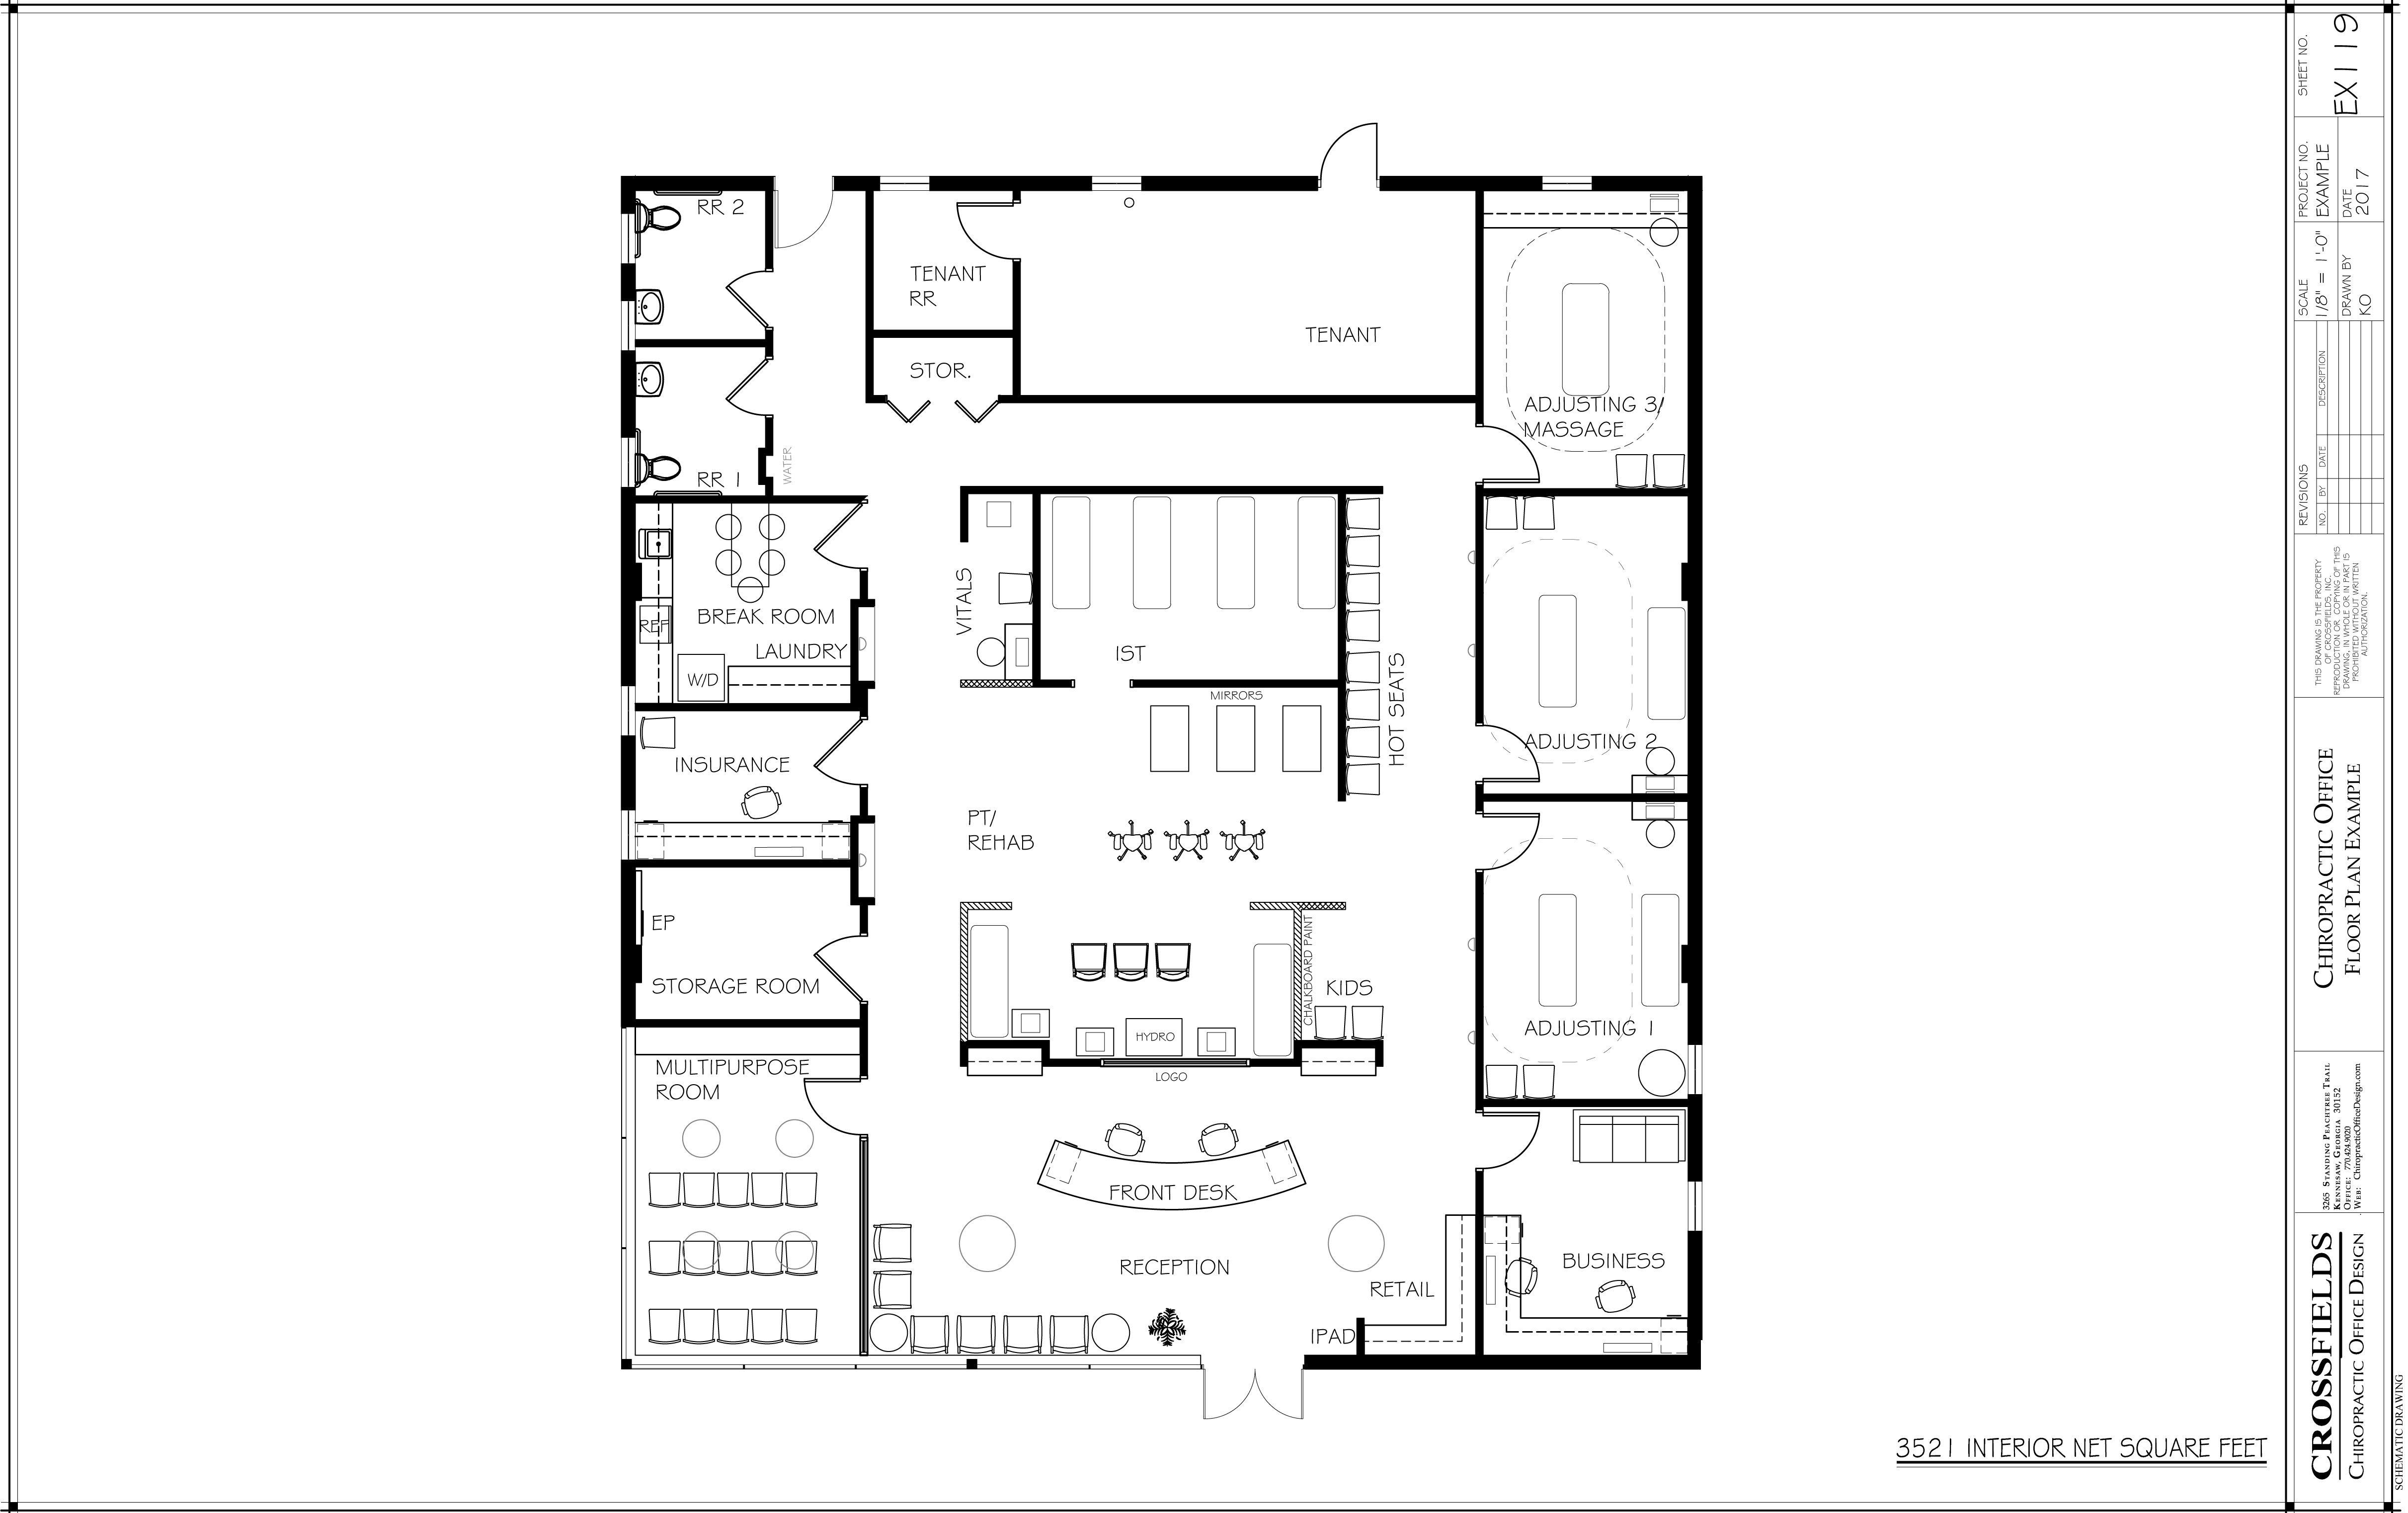 Chiropractic Office Floor Plans Versatile Medical Office Layouts Office Floor Plan Floor Plans Office Floor